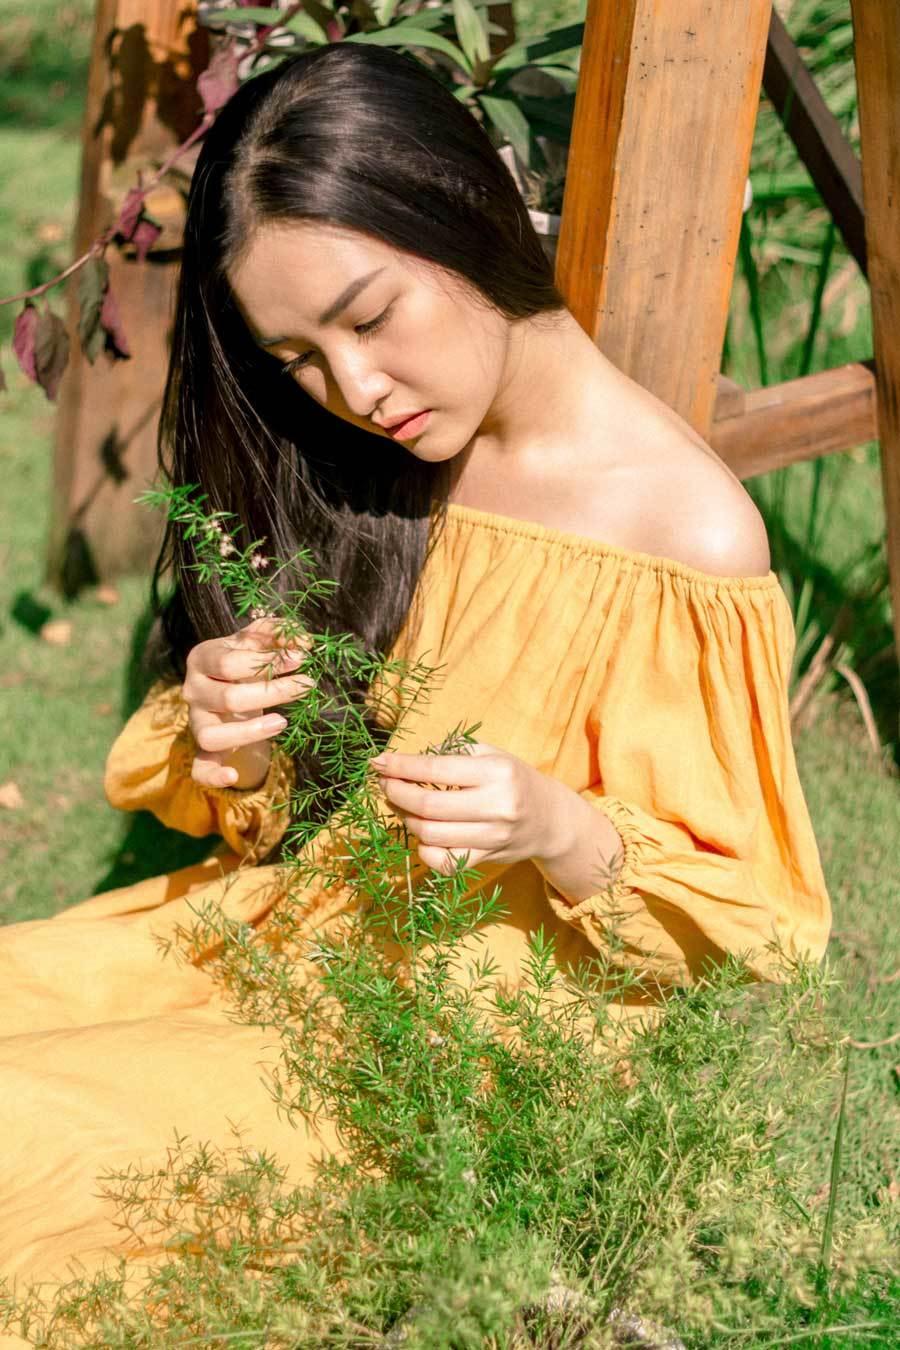 Hoa khôi Ngọc Trân khoe vẻ tinh khôi trong khu vườn yên tĩnh - Hình 2